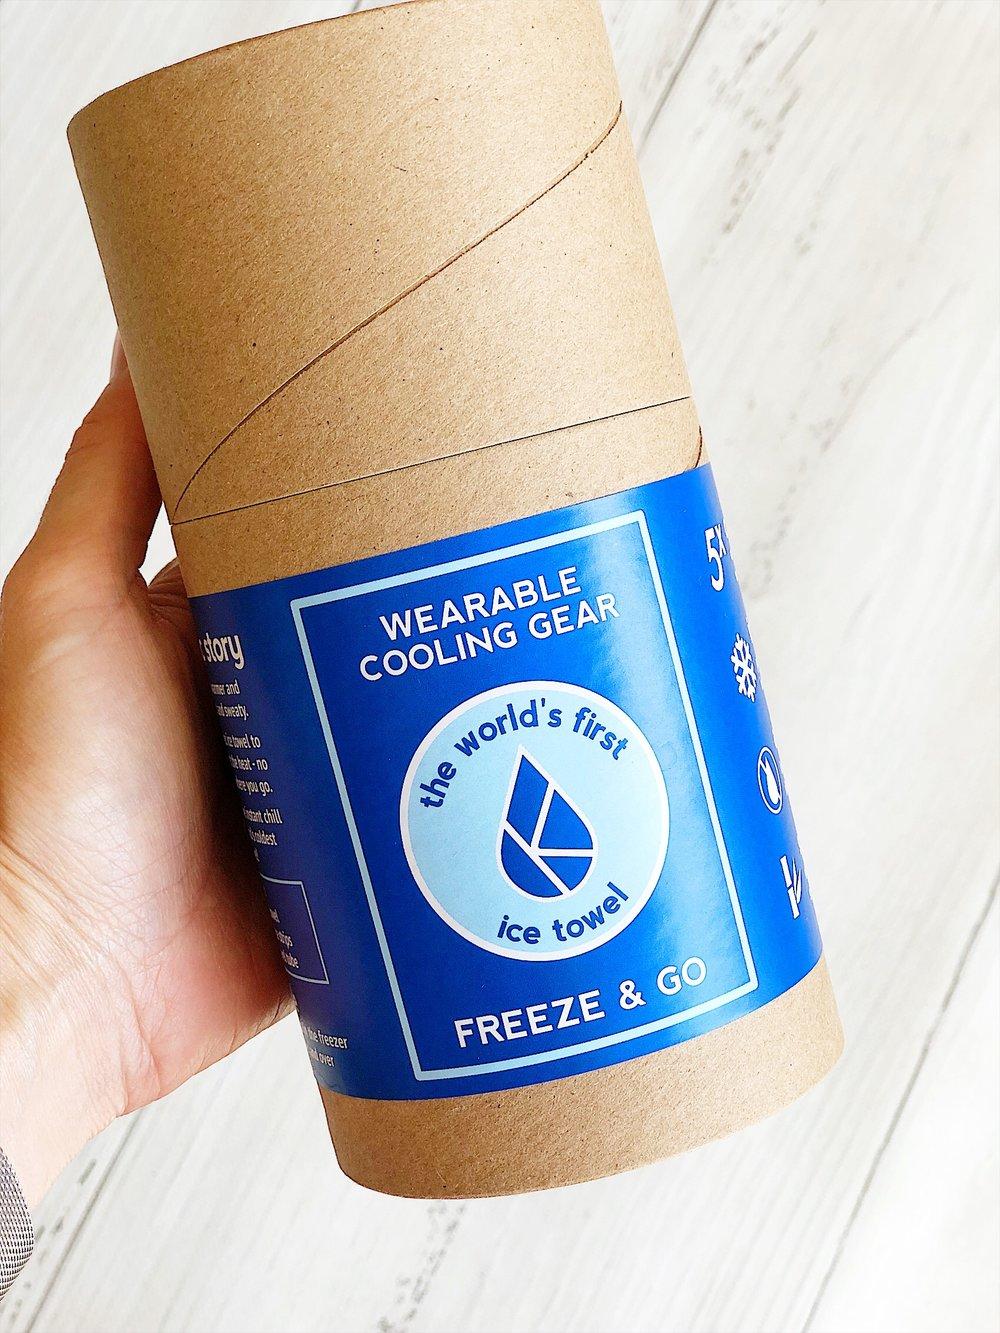 Koldtec packaging